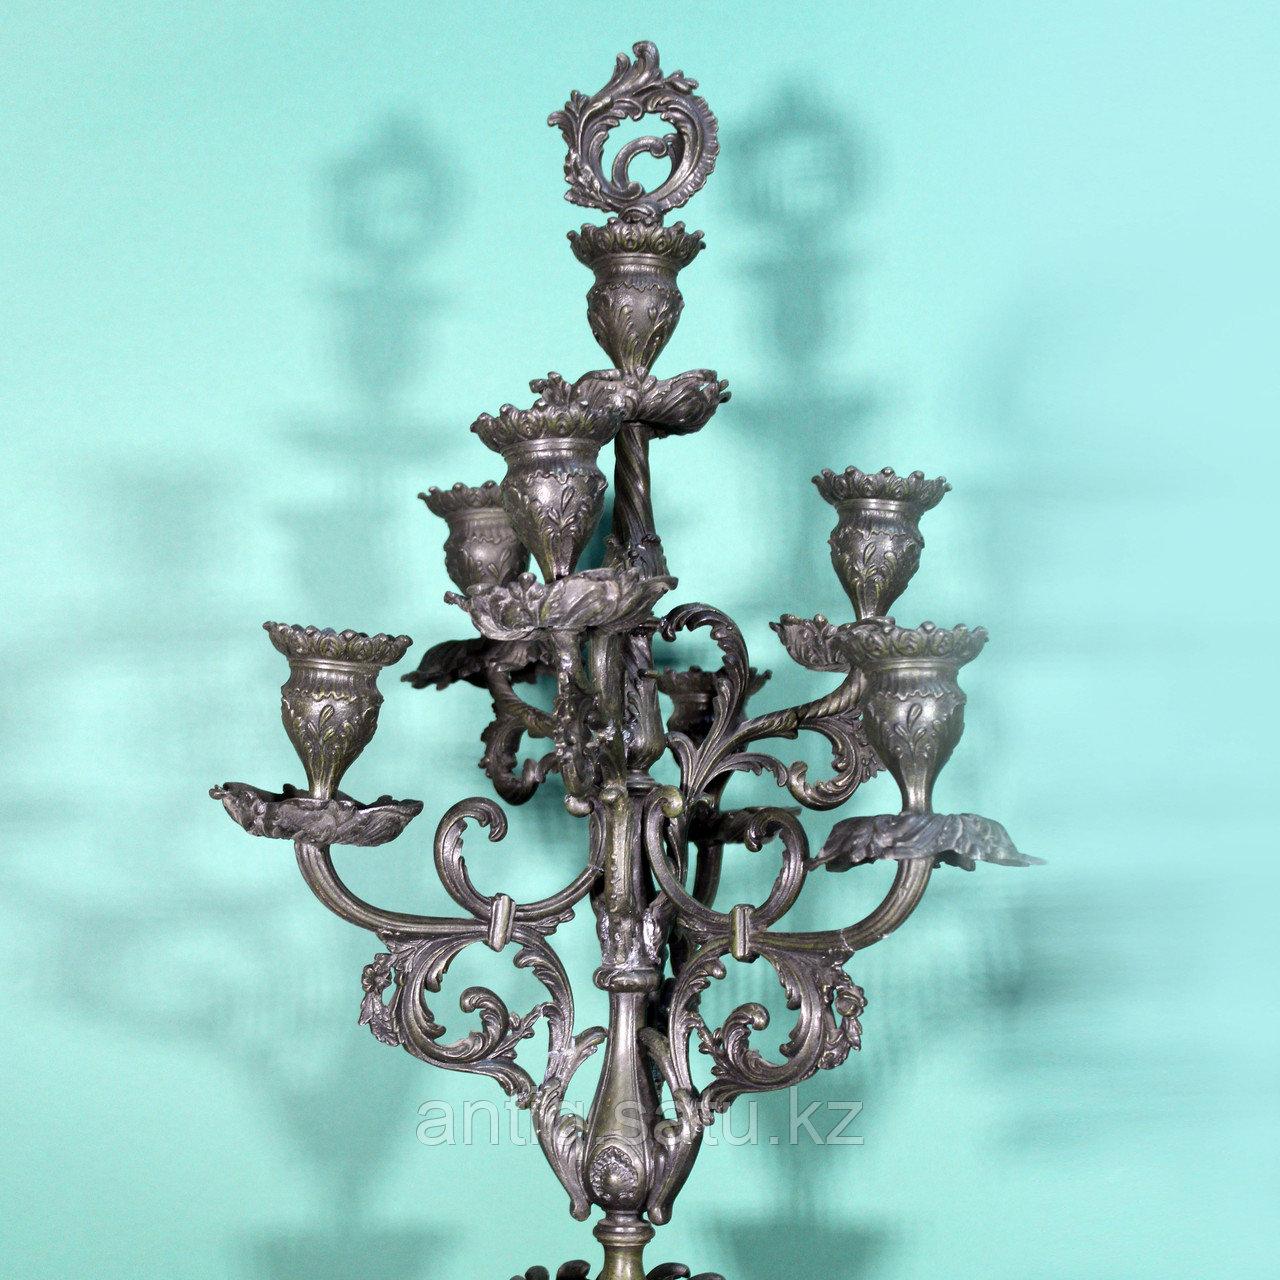 Каминные часы в стиле Историзм Часовая мастерская S. Marti Скульптор Emile Bruchon (1806-1895) - фото 8